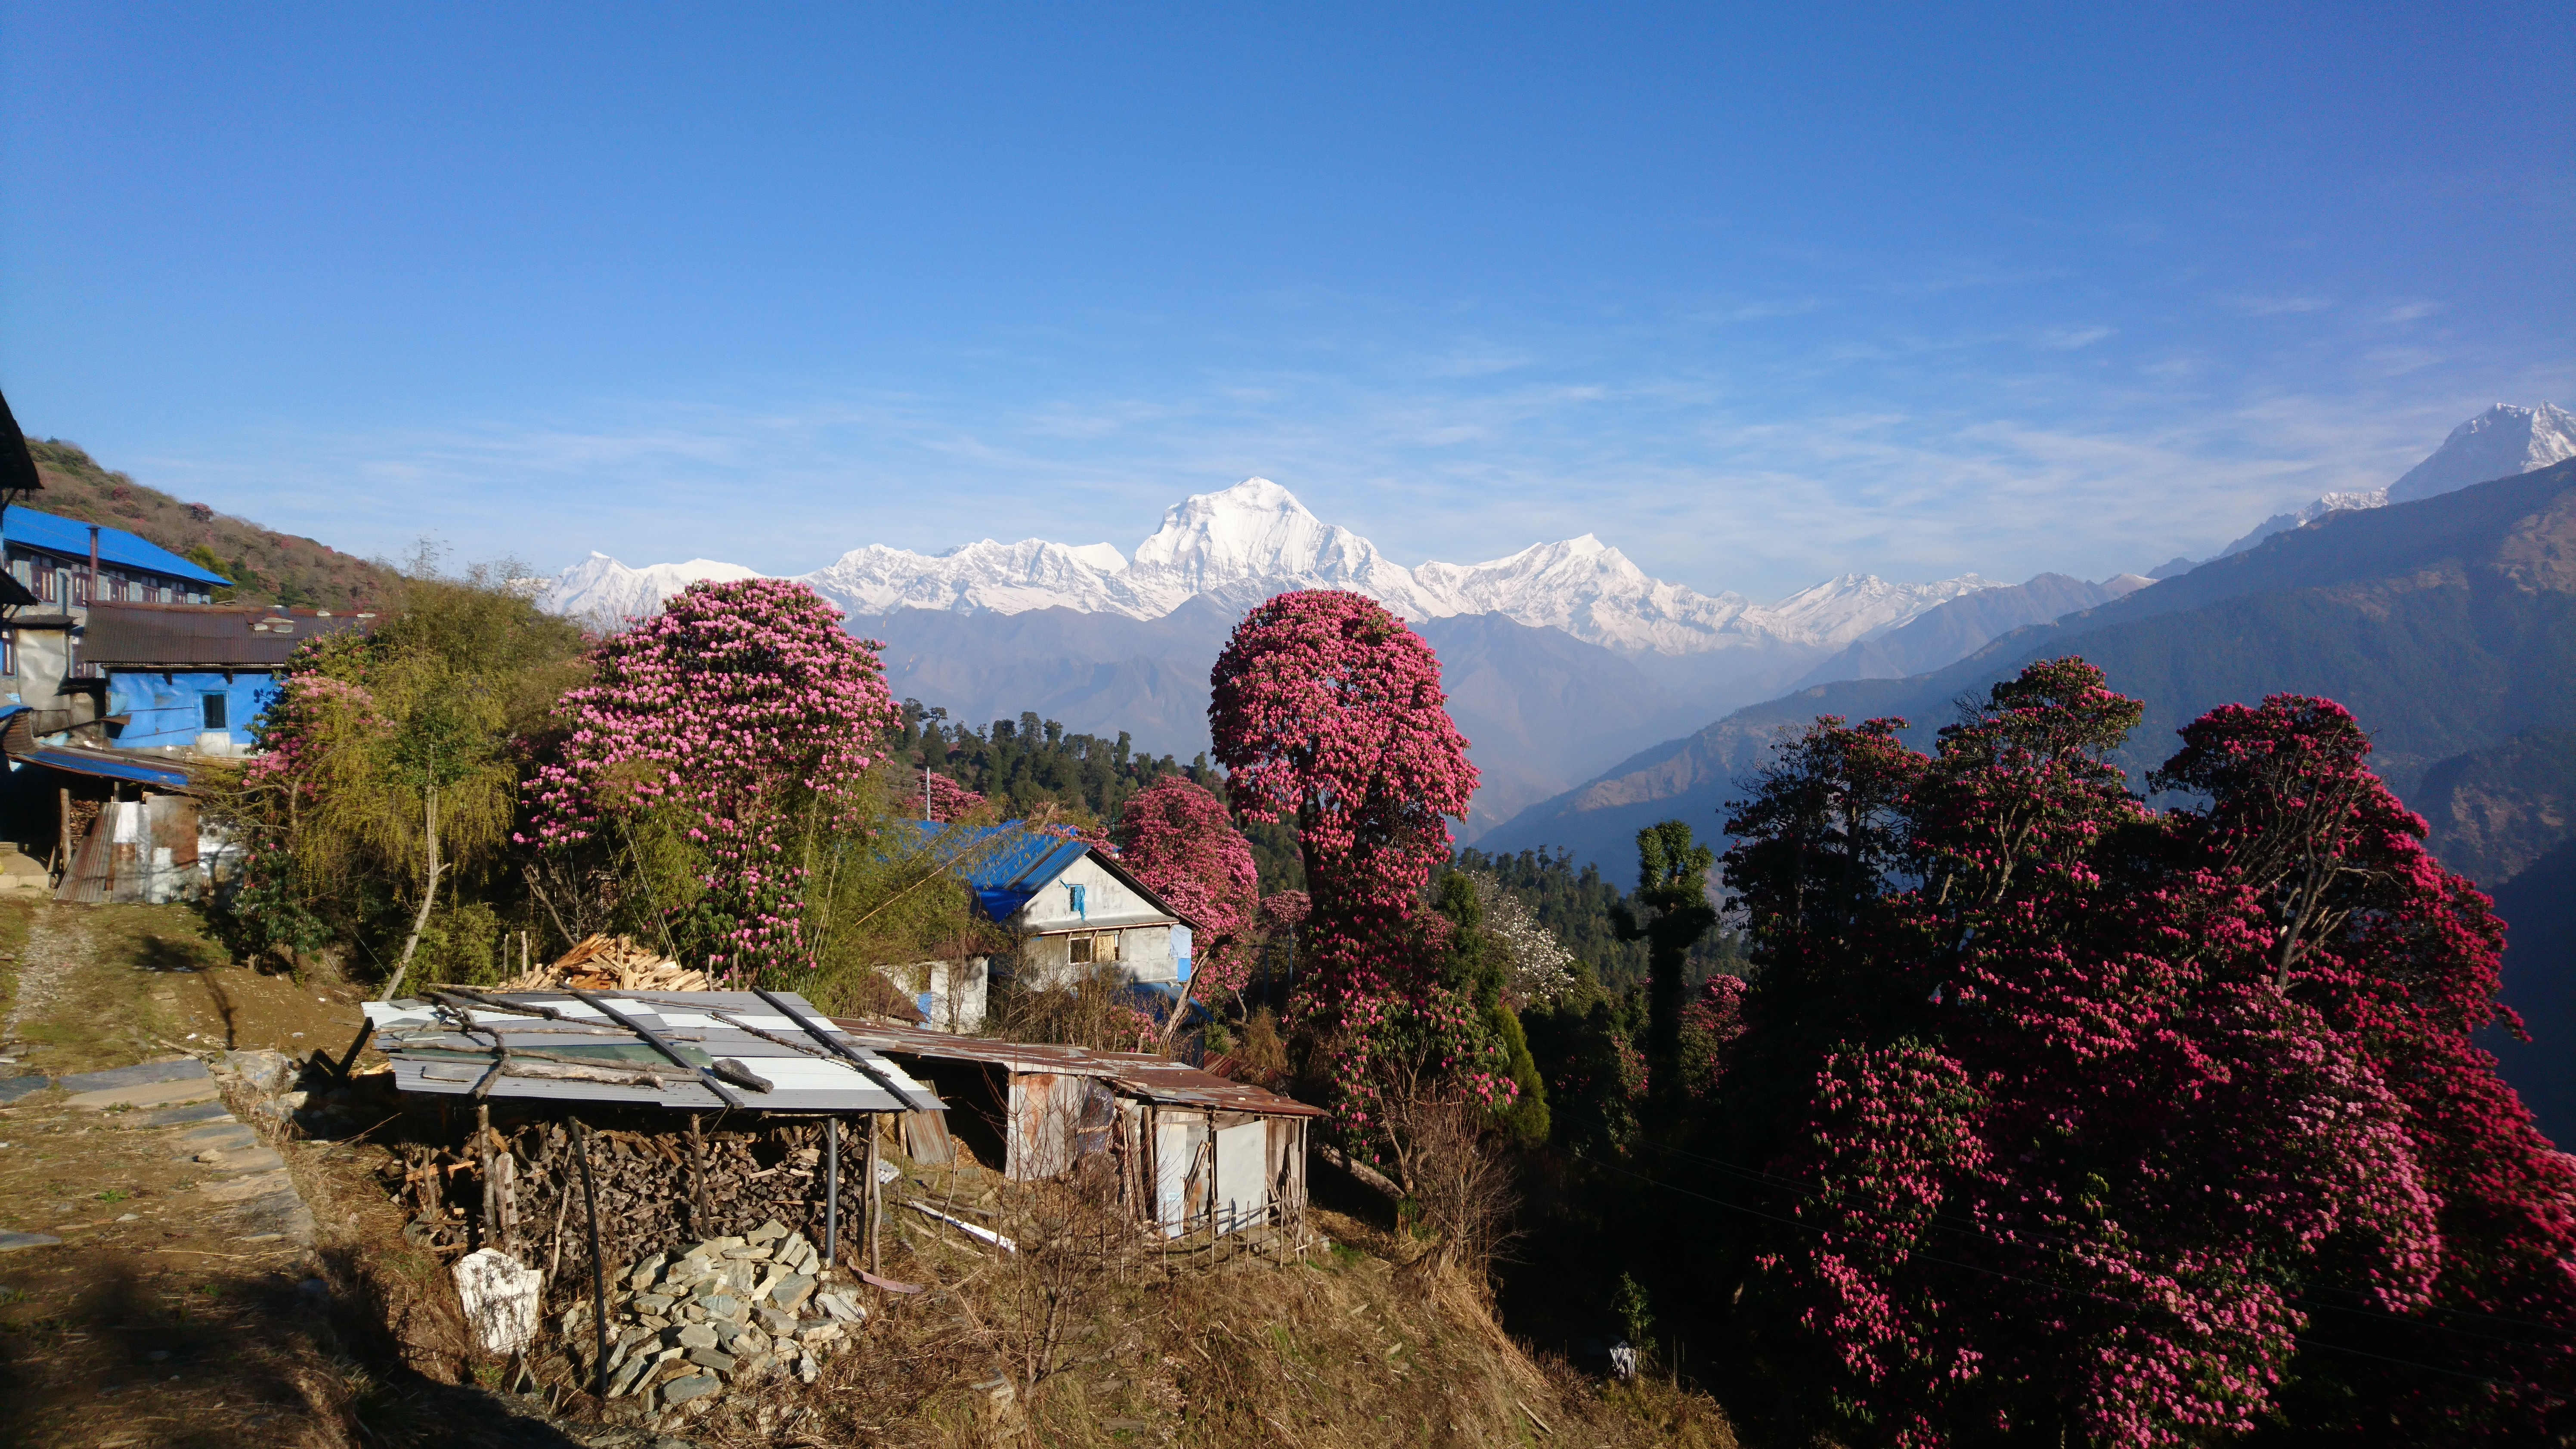 Blick vom Dorf Ghorepani auf die Dhaulagiri-Kette